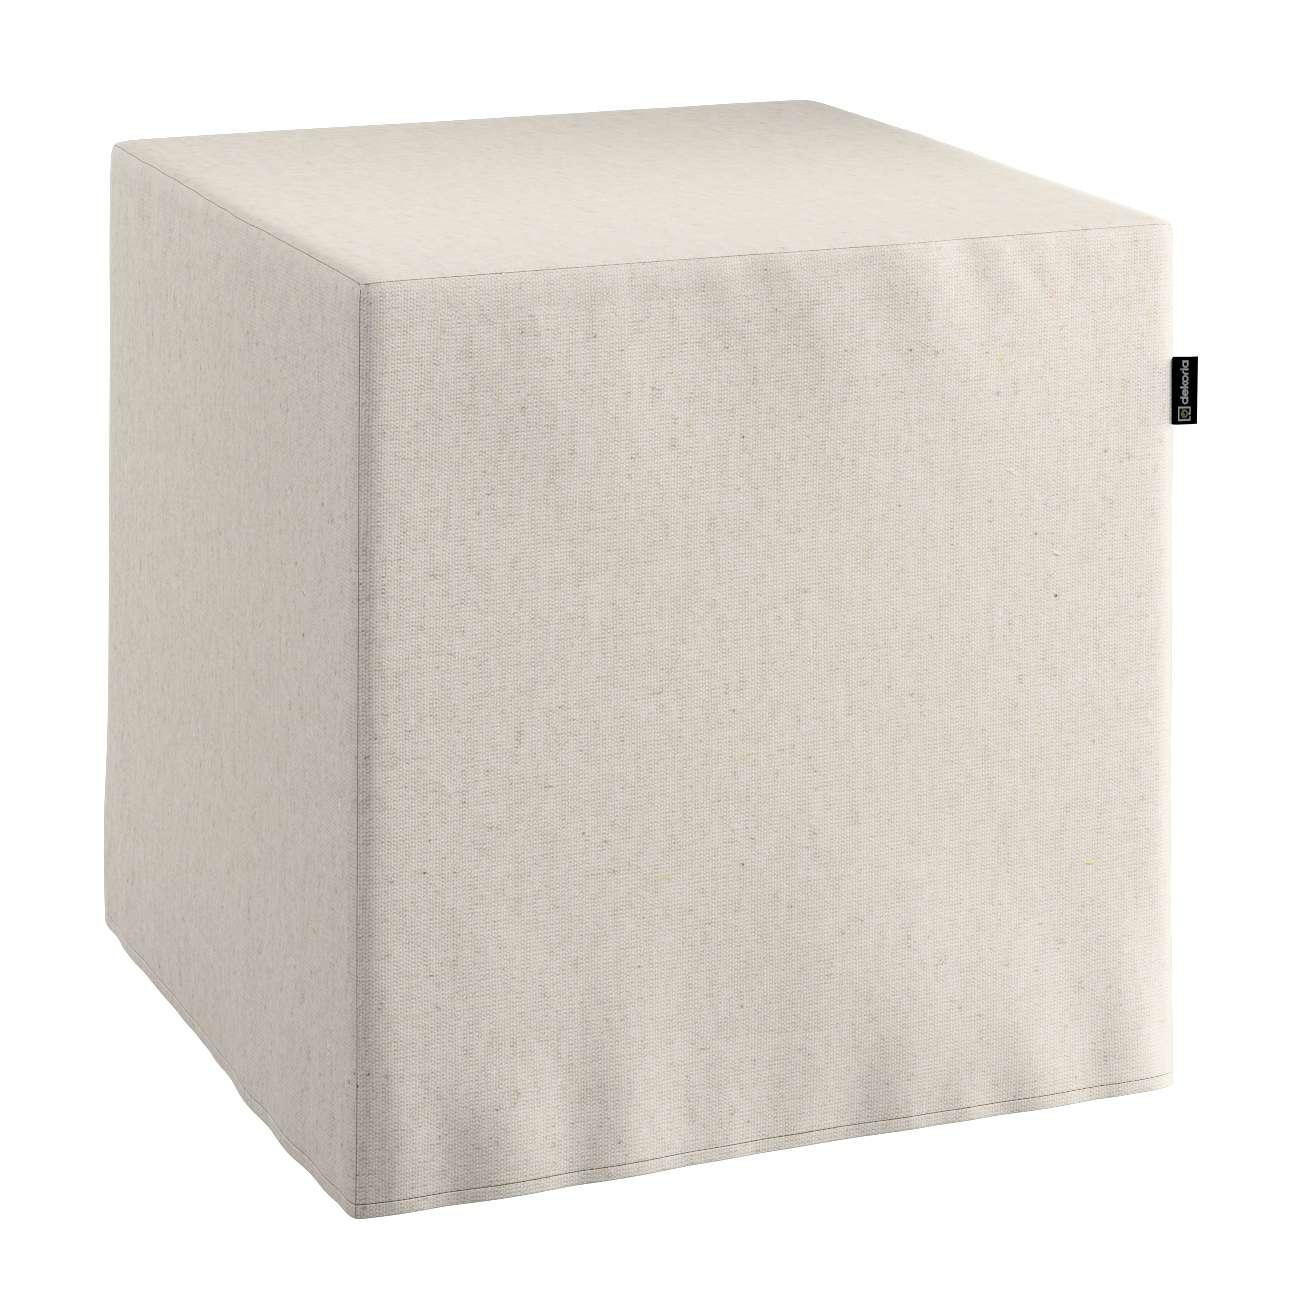 Bezug für Sitzwürfel, hellgrau, Bezug für Sitzwürfel 40x40x40 cm, Loneta | Wohnzimmer > Hocker & Poufs > Sitzwürfel | Dekoria